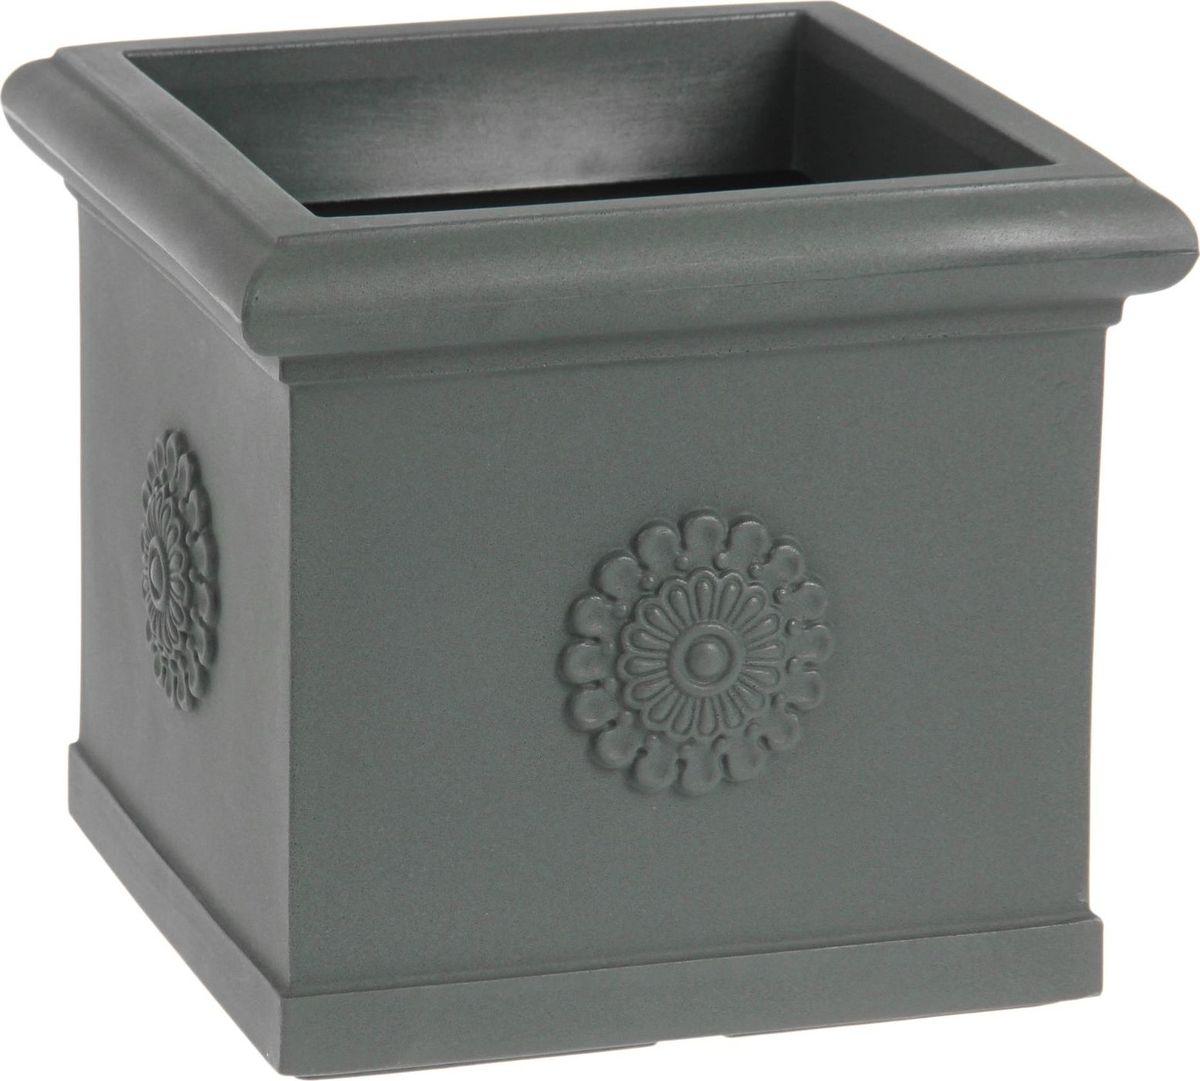 Вазон ЗАО Пластик Византия, цвет: антрацитовый, 30 л1442663 Декоративная ваза «Византия» — это классическая форма, притягивающий взгляд цвет, монументальность и величественность. Она пригодится для самых разных целей: позволит украсить гостиную или офисстанет стильным подарком на юбилей или свадьбупревратится в реликвию, которую можно будет передавать из поколения в поколение. Ваза, изготовленная из качественного полимерного материала, станет заметной деталью интерьера и наполнит помещение атмосферой роскоши. Без красоты мир был бы тусклее. Наполните свою жизнь прекрасным!Внутренний размер - 35х35 см.